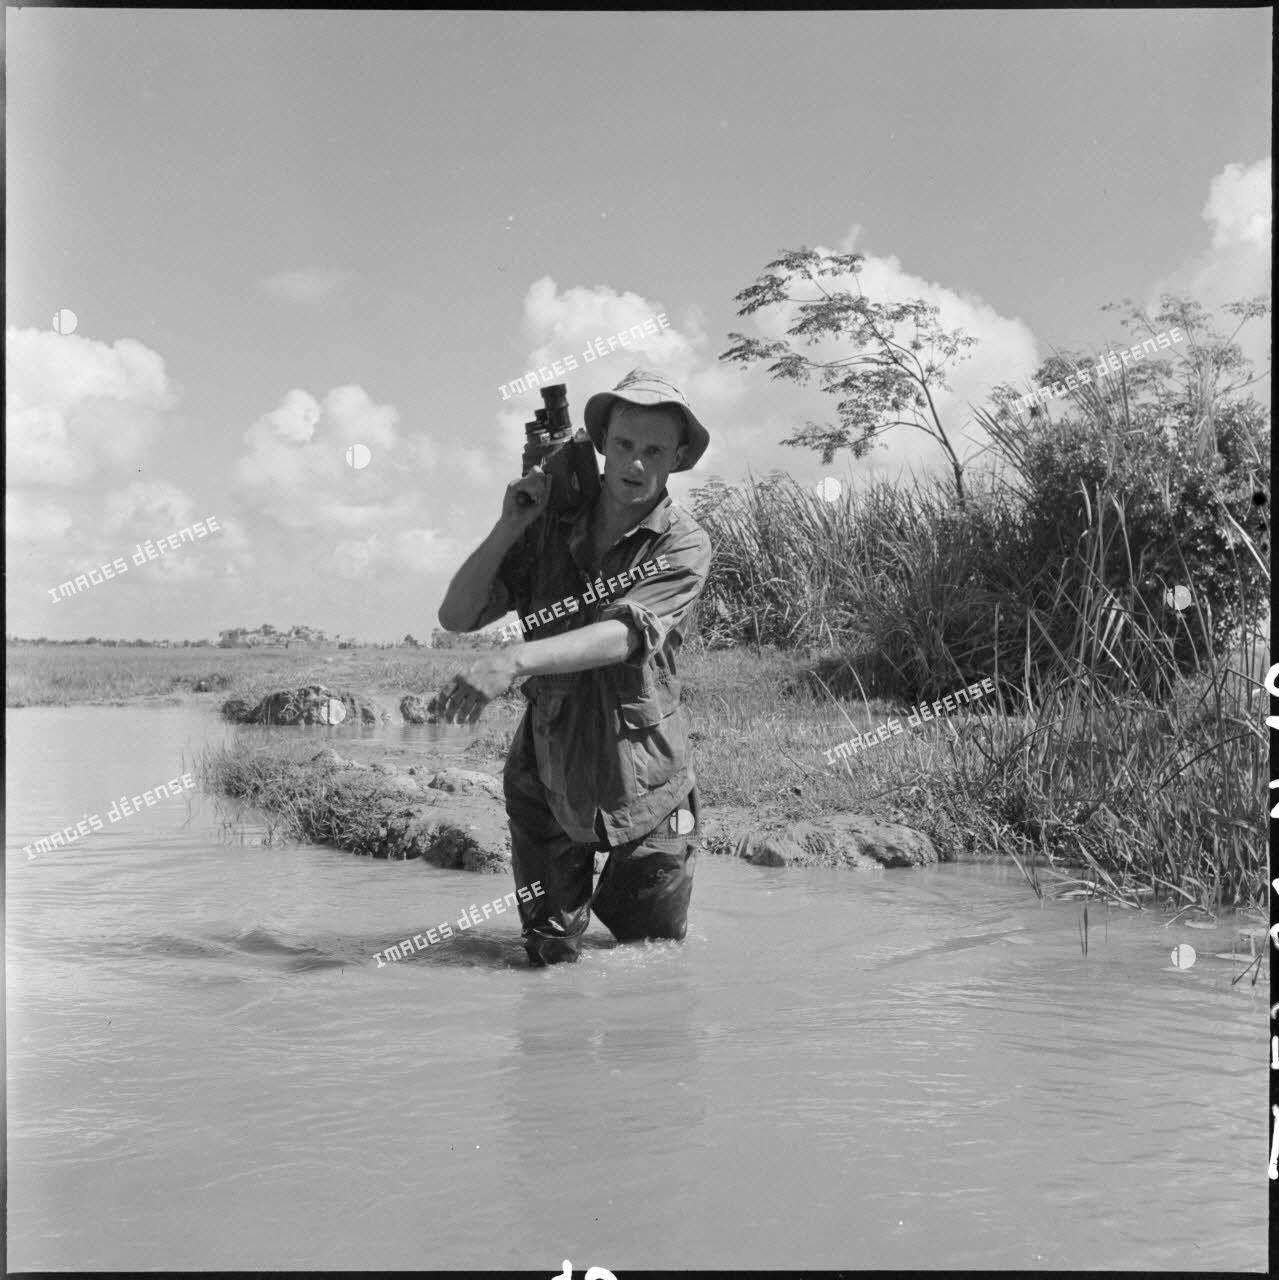 Le cinéaste Pierre Schoendoerffer progresse dans une rizière avec une caméra Bell&Howell sur l'épaule au cours de l'opération Claude dans le secteur de Tien Lang.